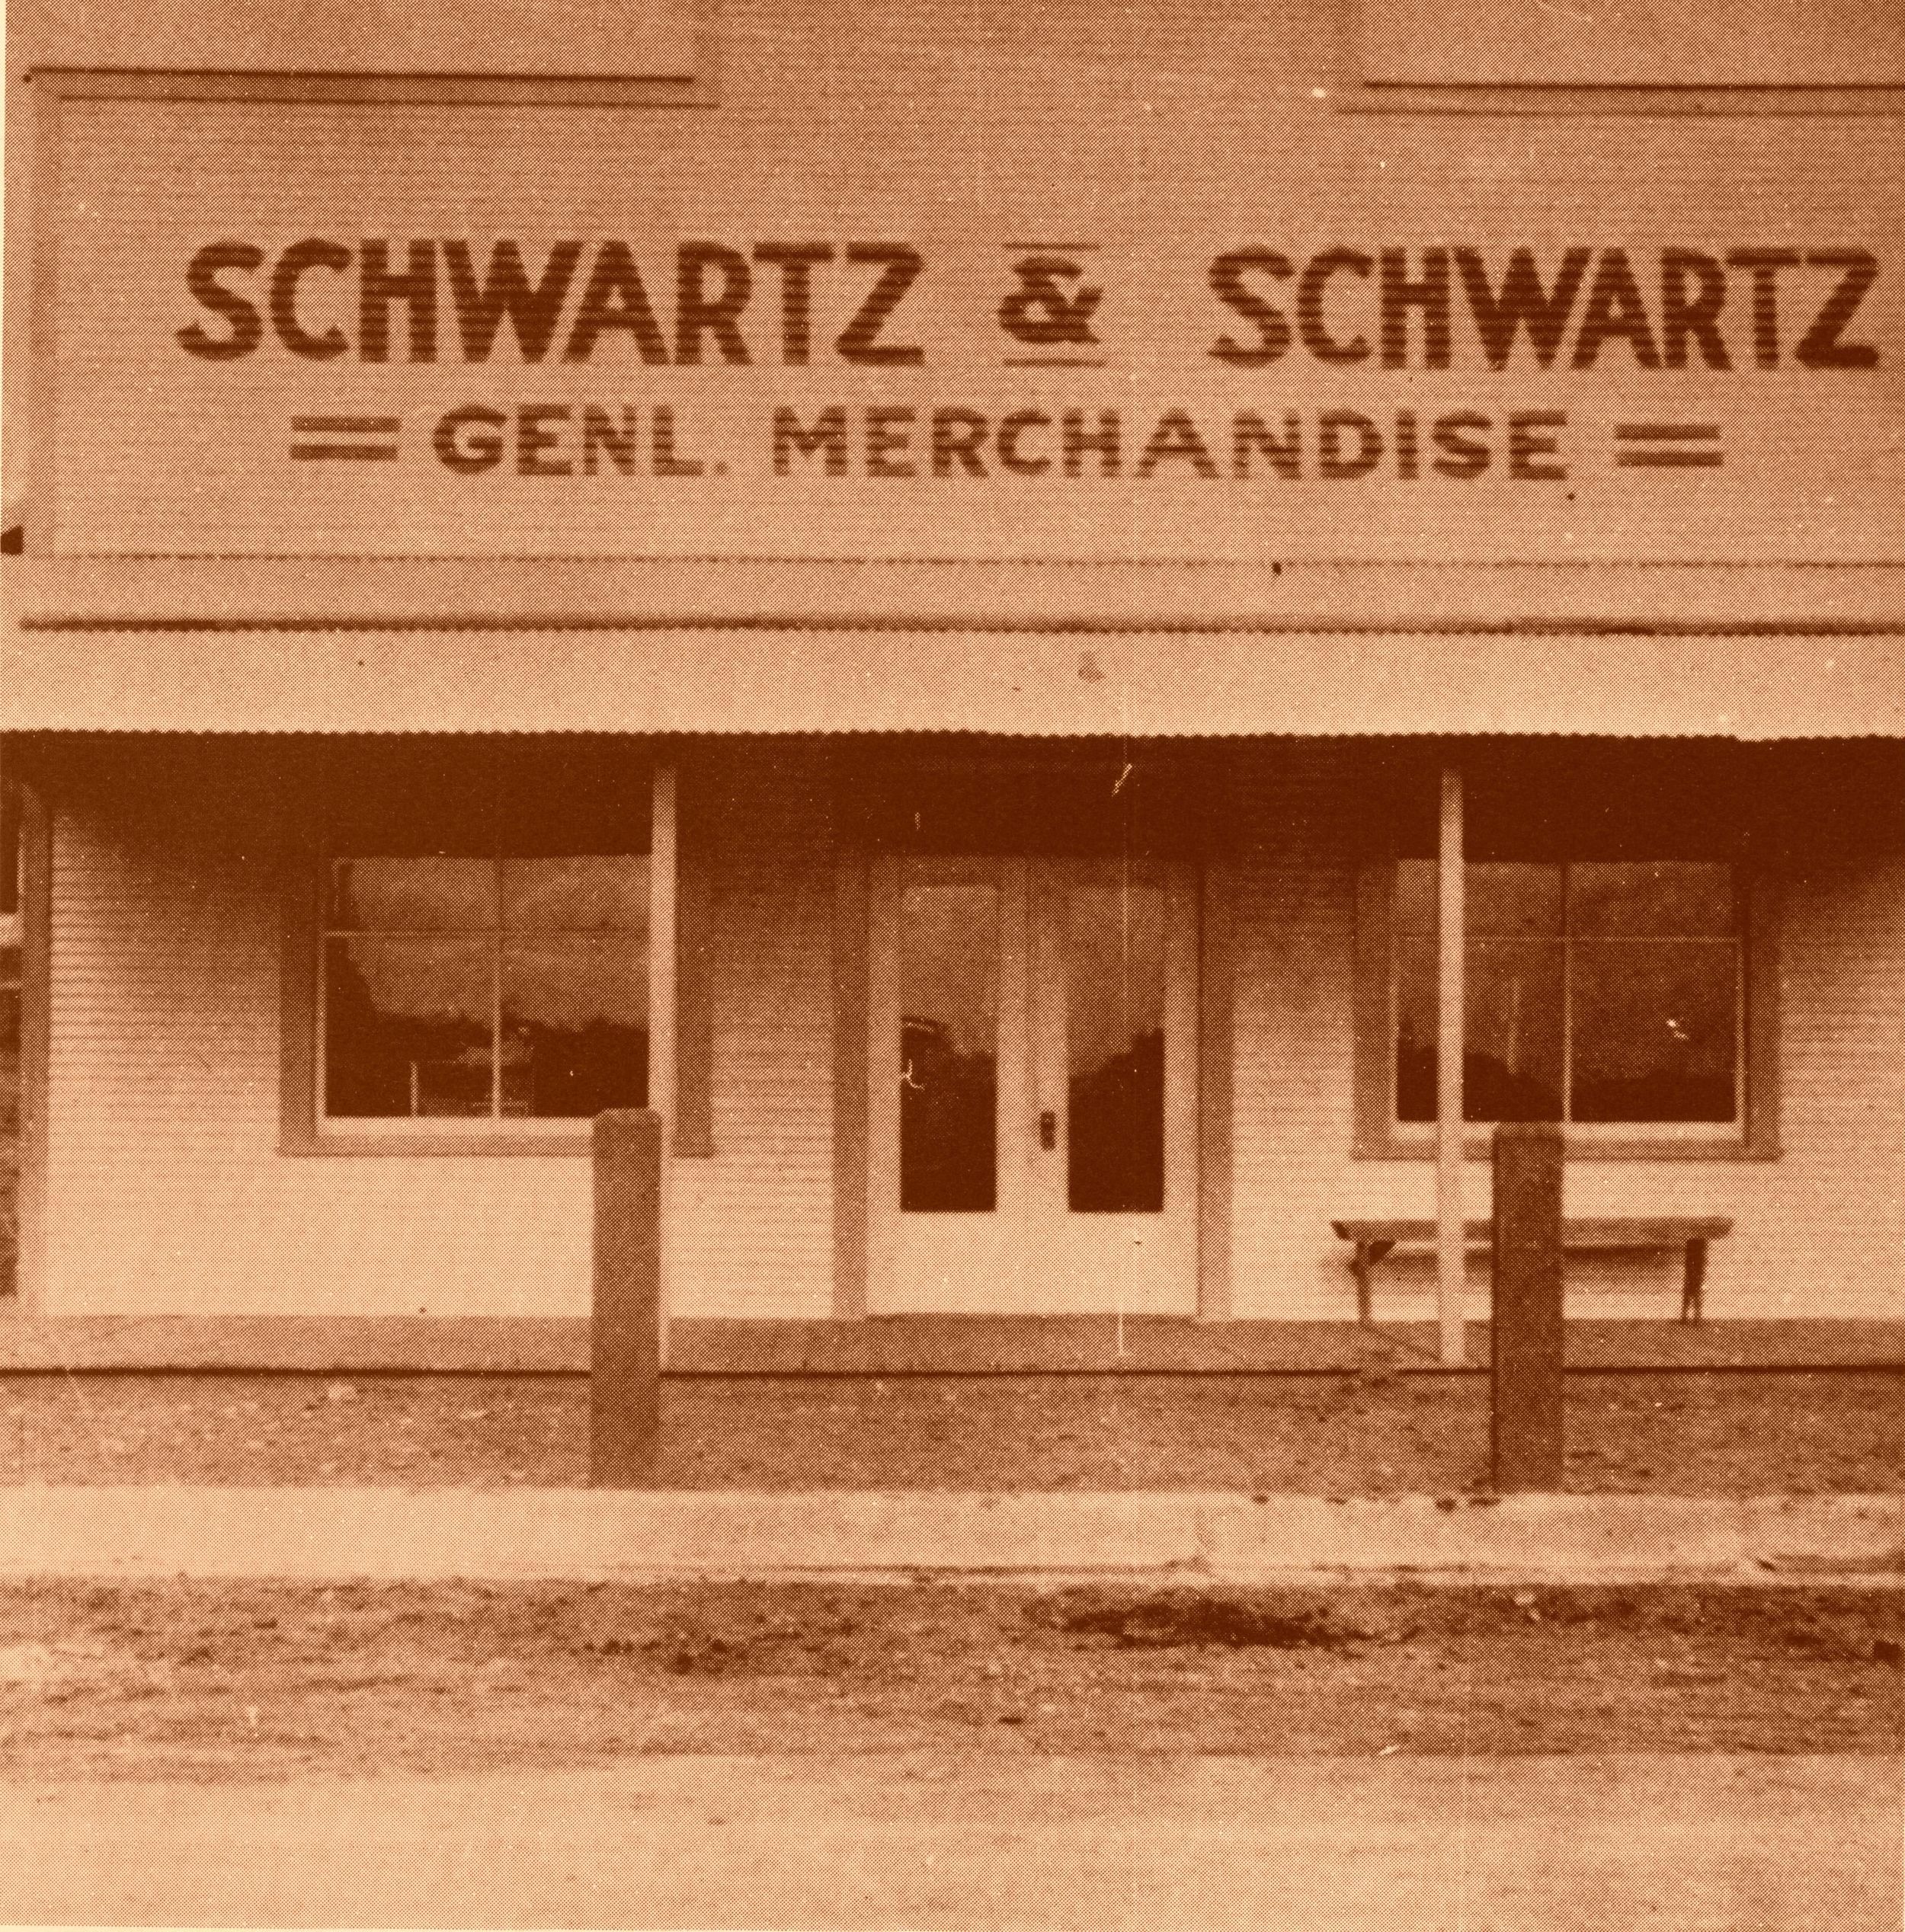 Schwartz & Schwartz. History of Burton, Volume I.